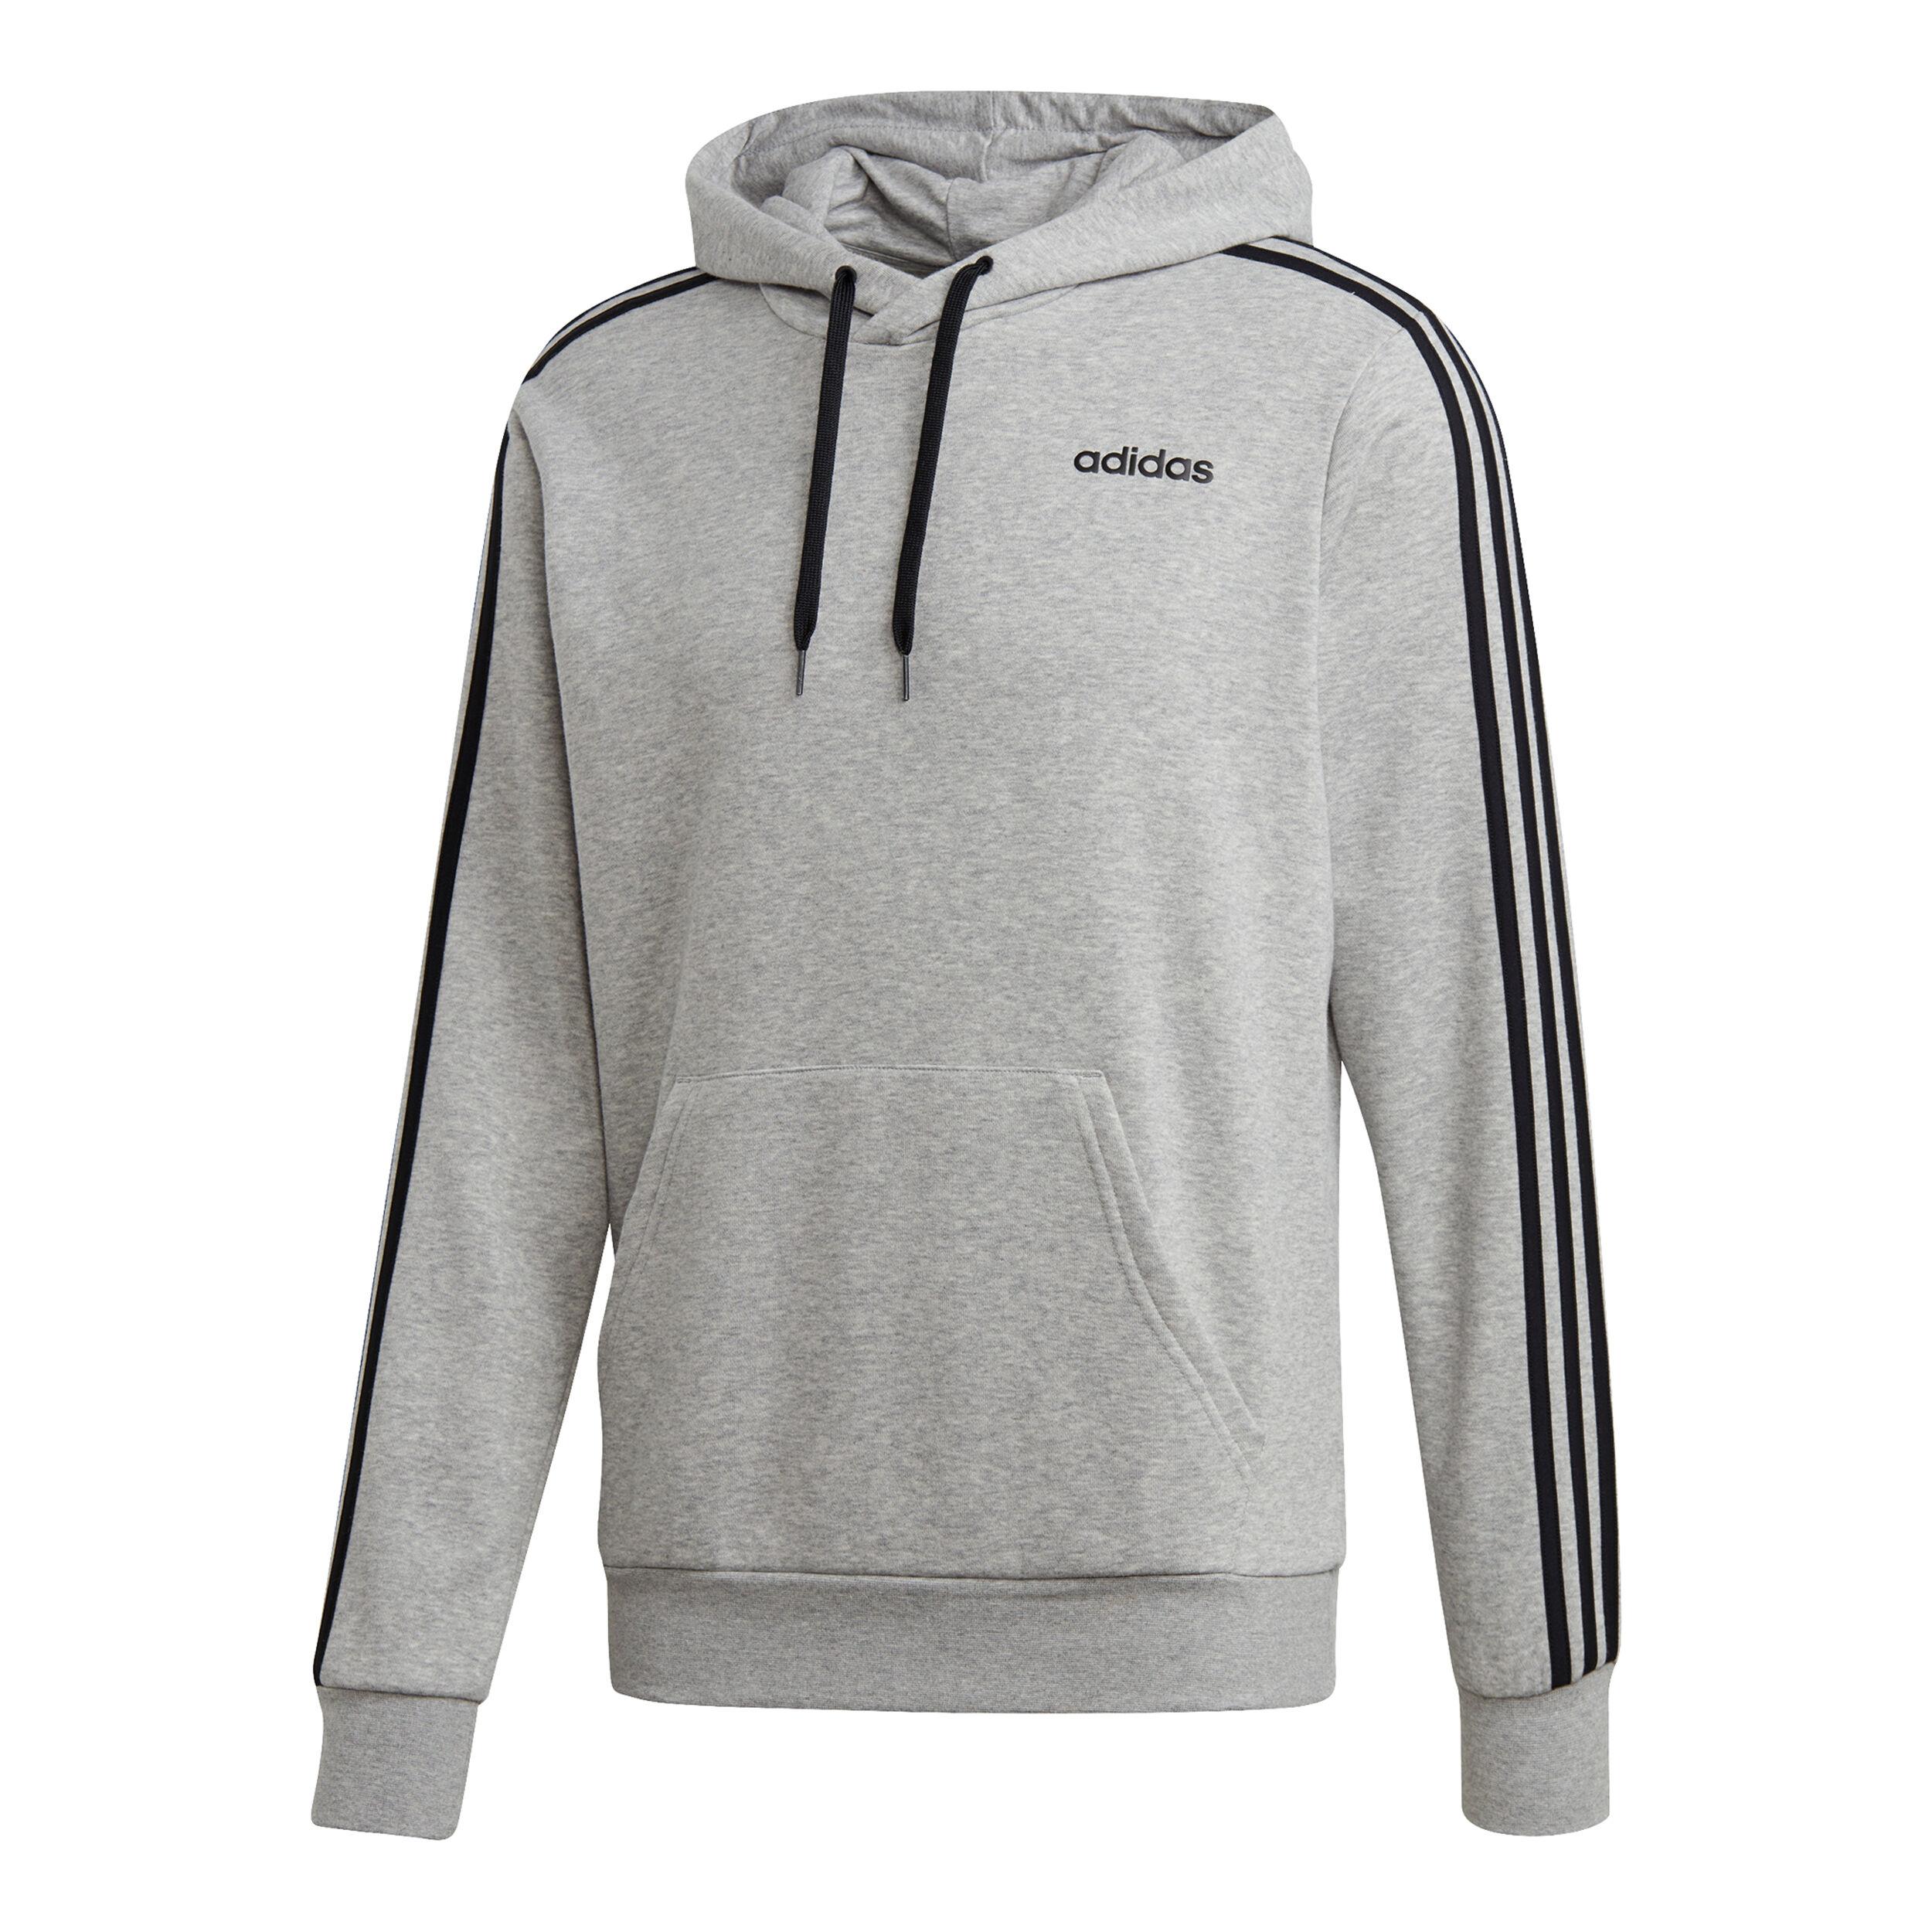 ADIDAS Herren Sweater Essentials 3 Streifen grau | S